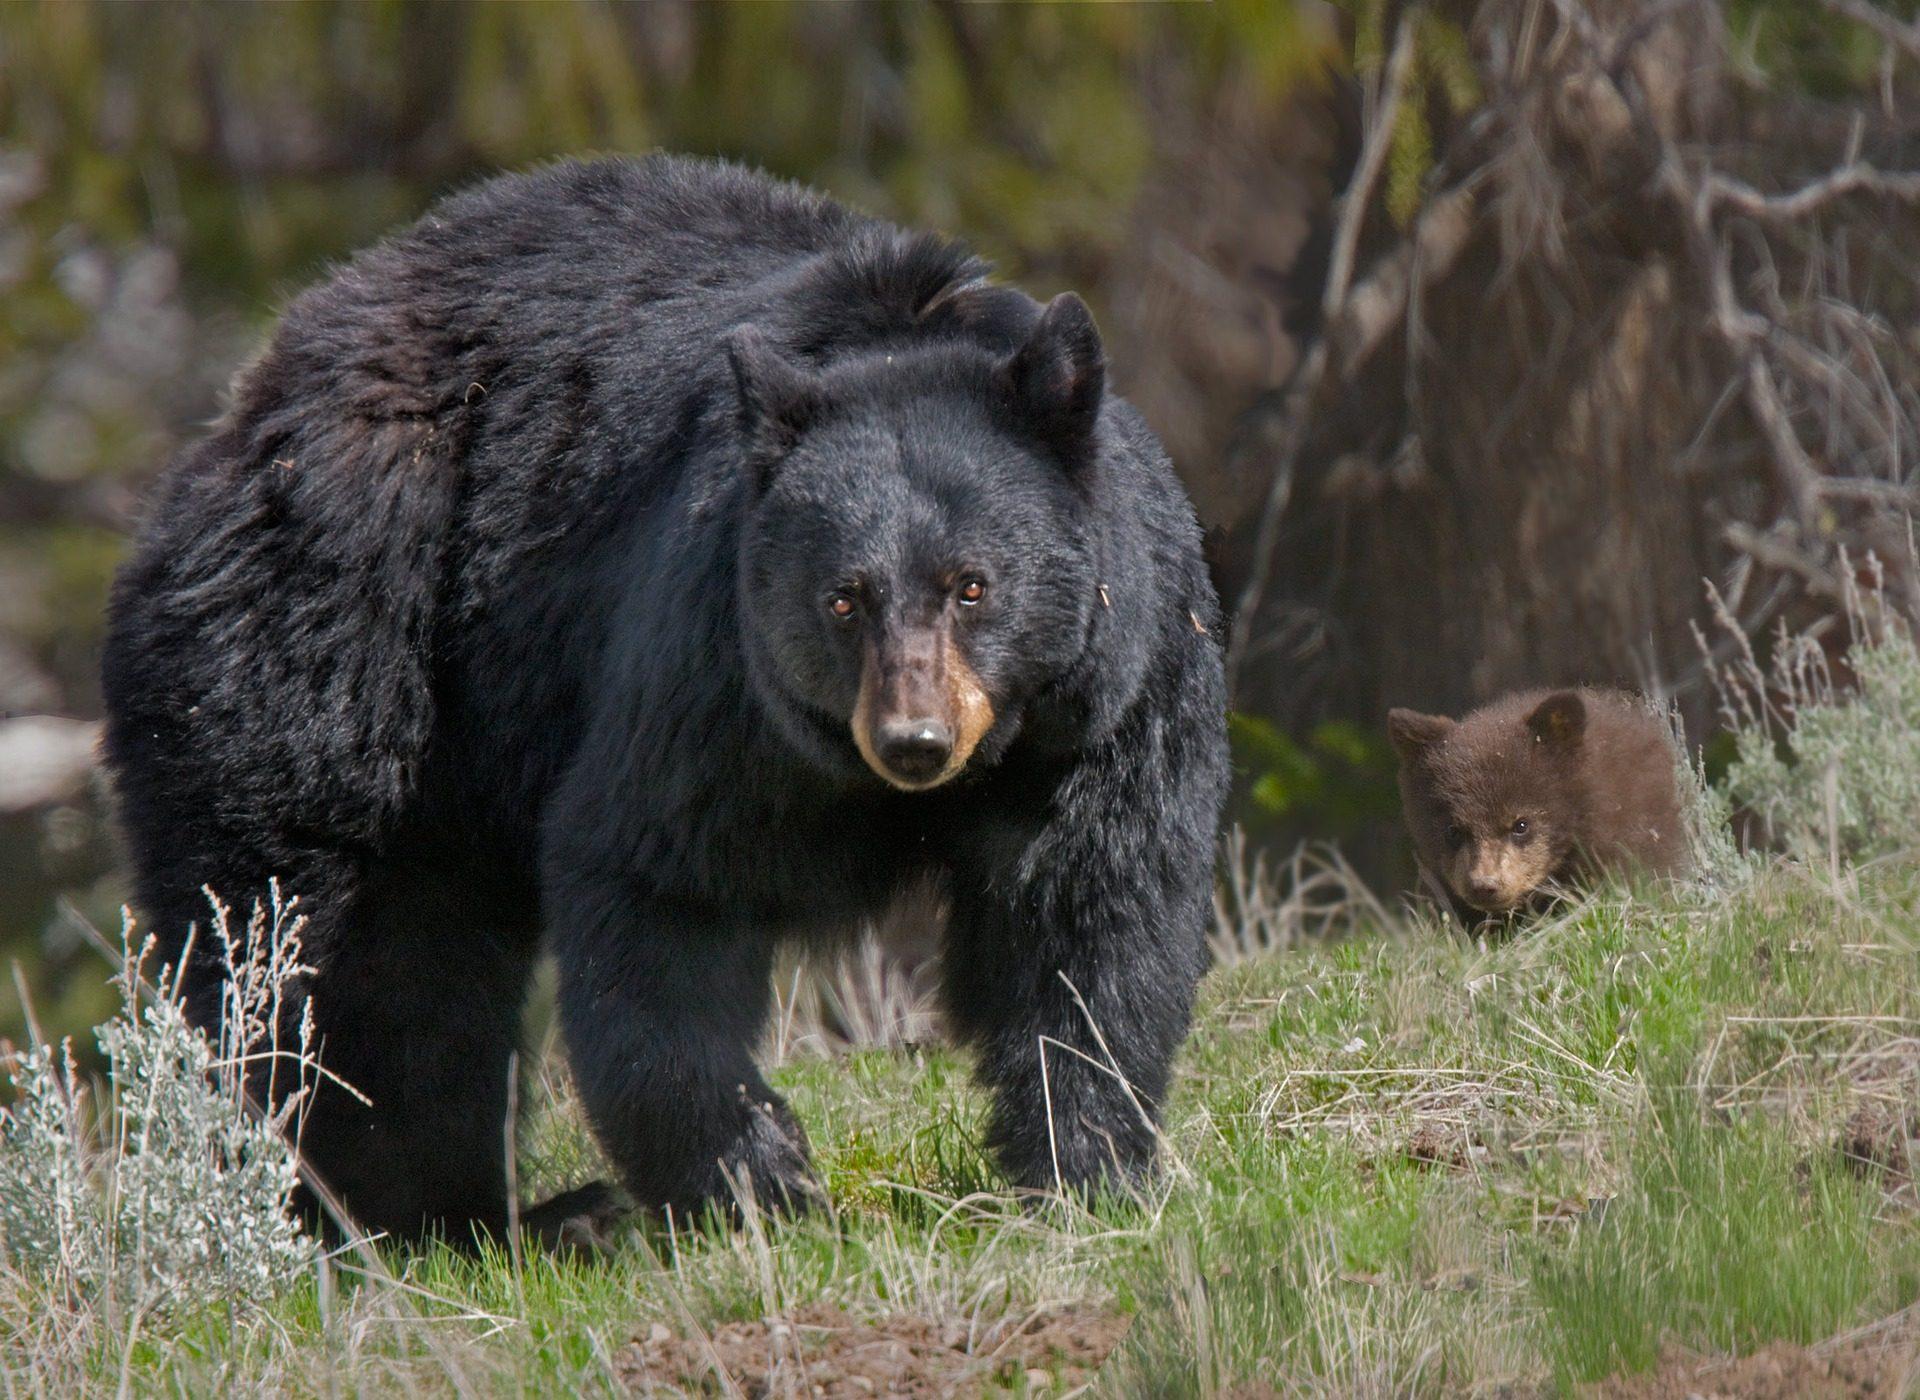 urso, filhote de urso, cría, floresta, campo, Olha - Papéis de parede HD - Professor-falken.com